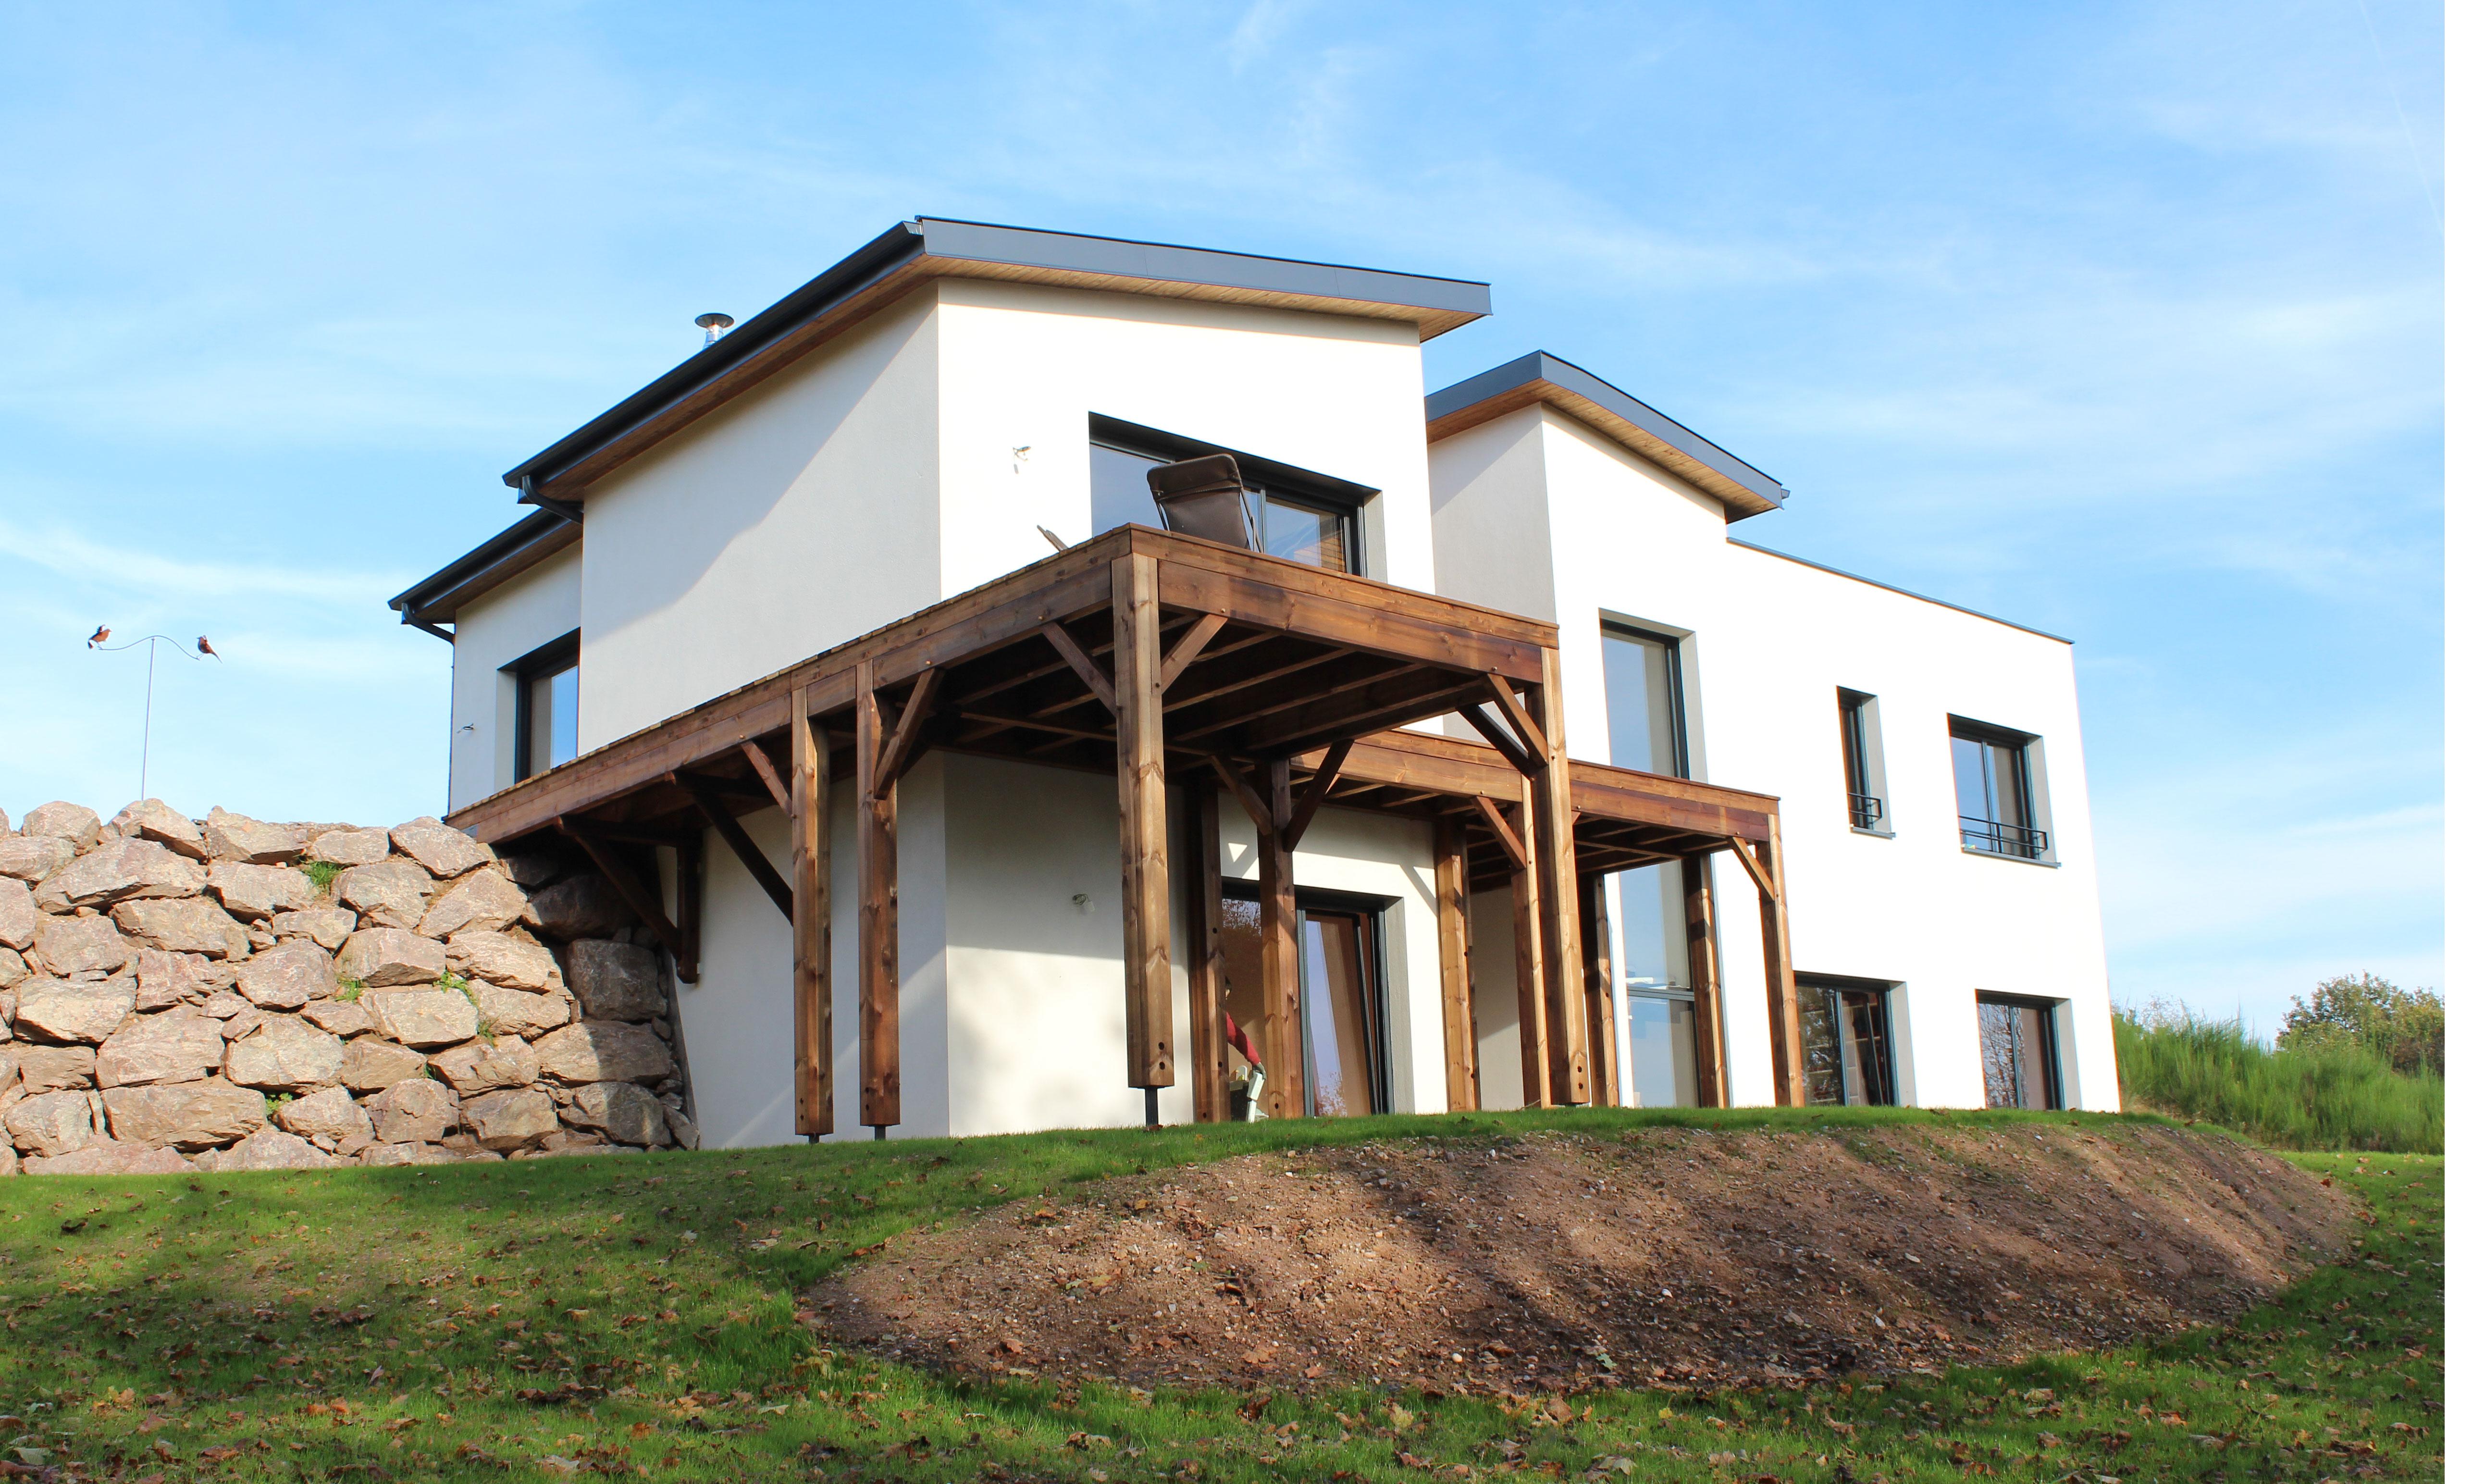 Maison contemporaine 12 15 for Maison moderne nancy